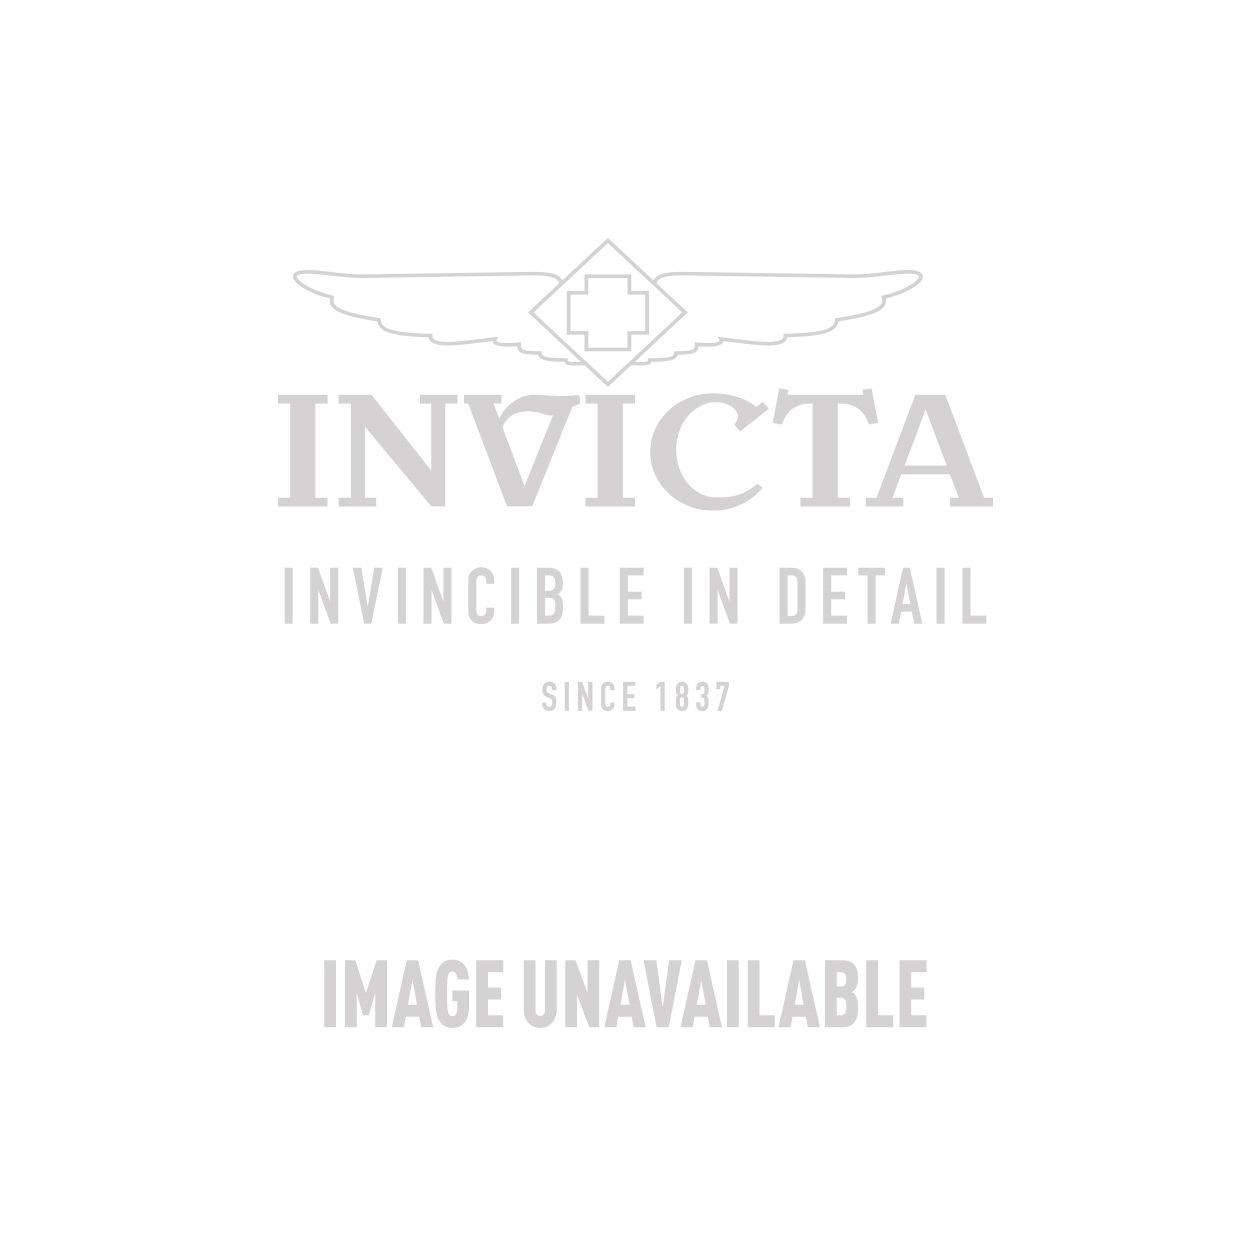 Invicta Model 28151